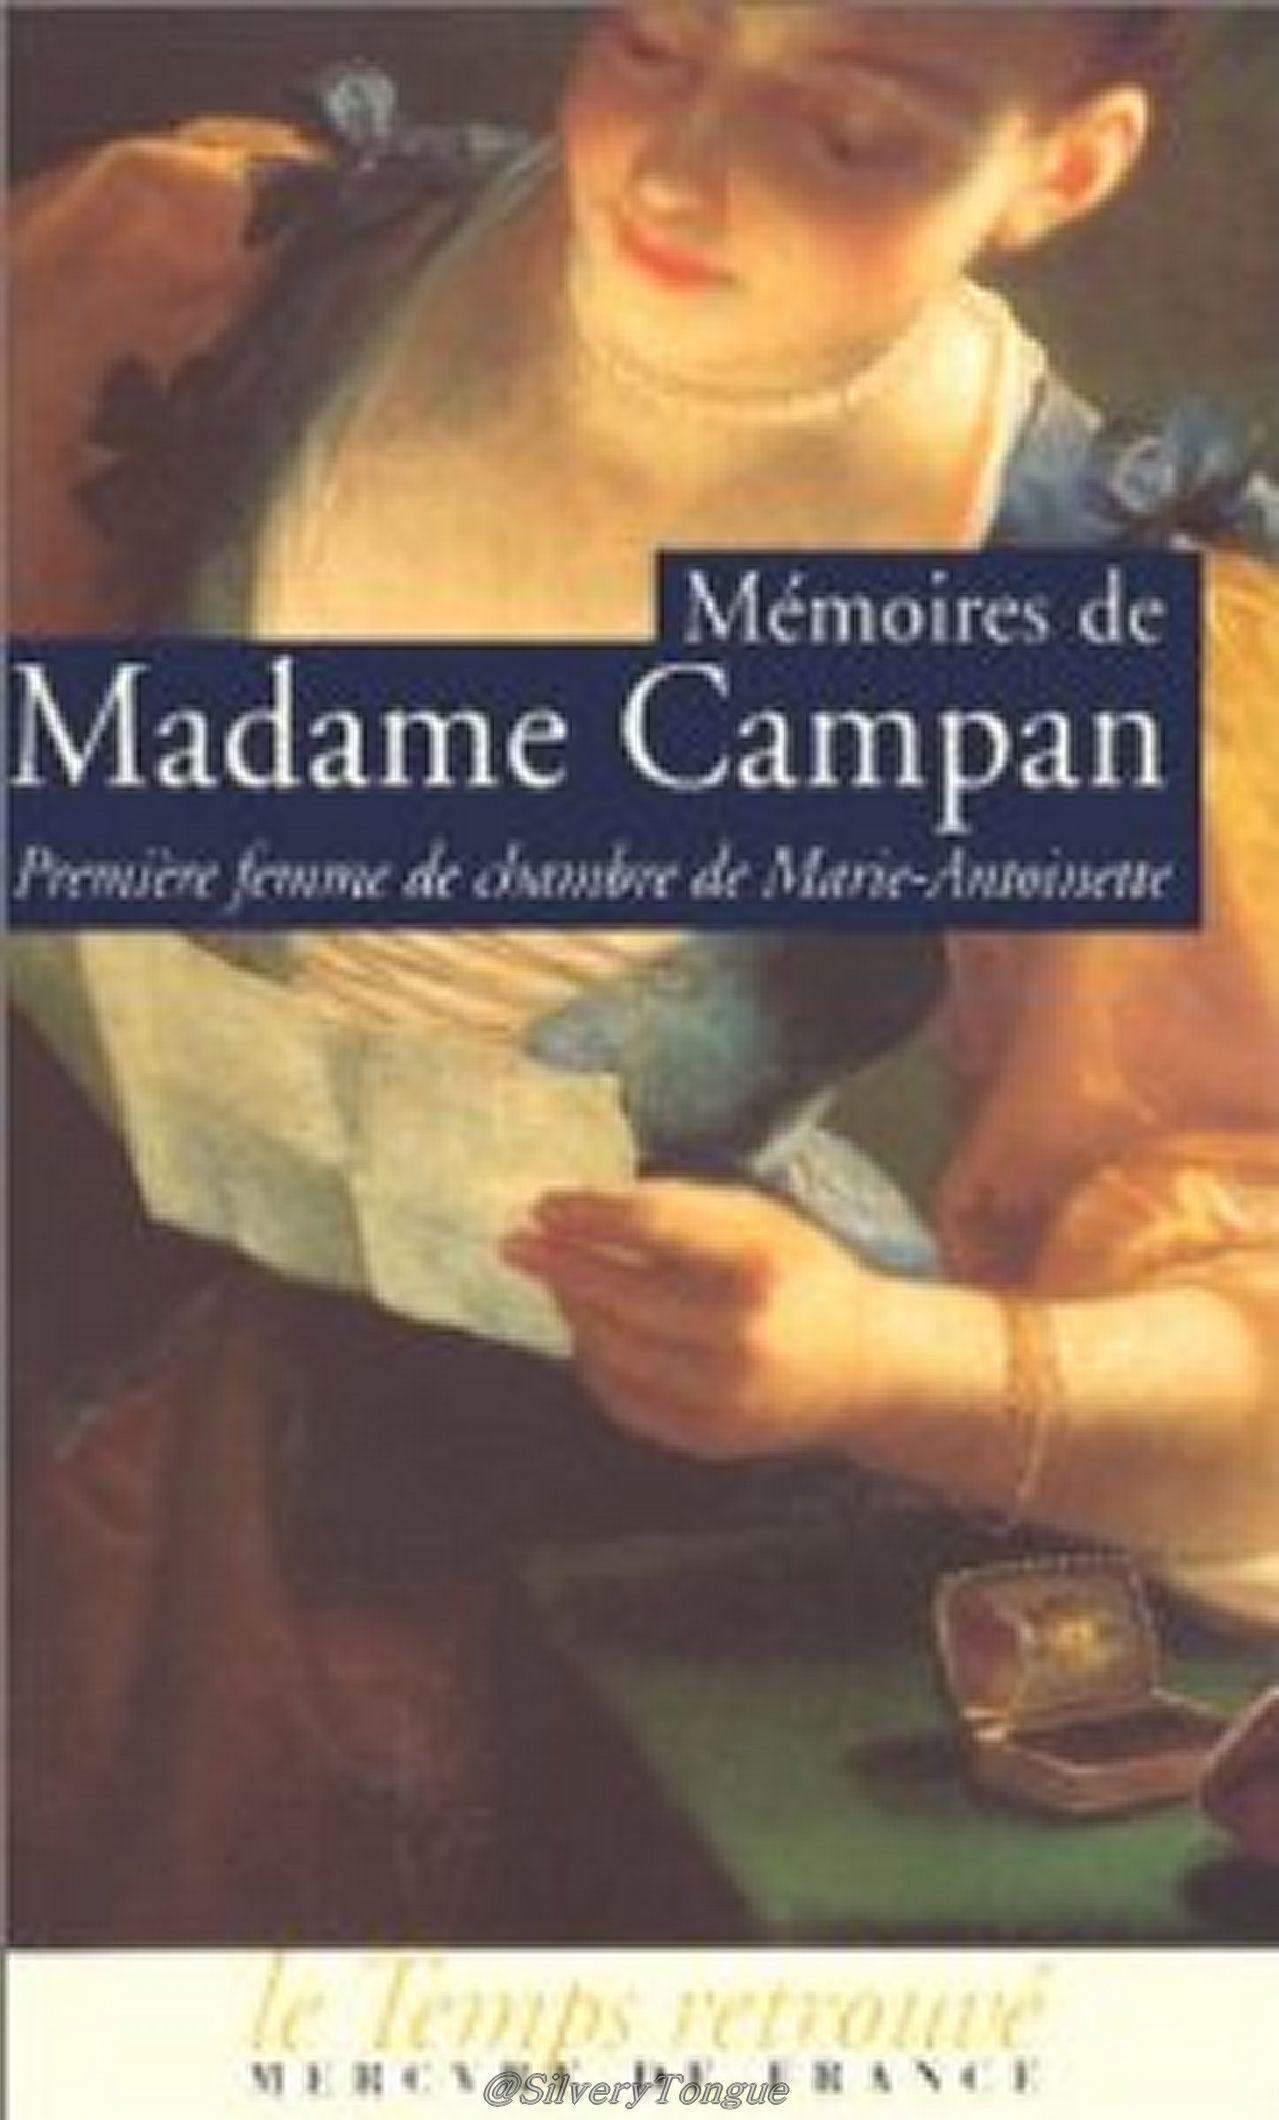 Mémoires de Madame Campan premi¨re femme de chambre de Marie